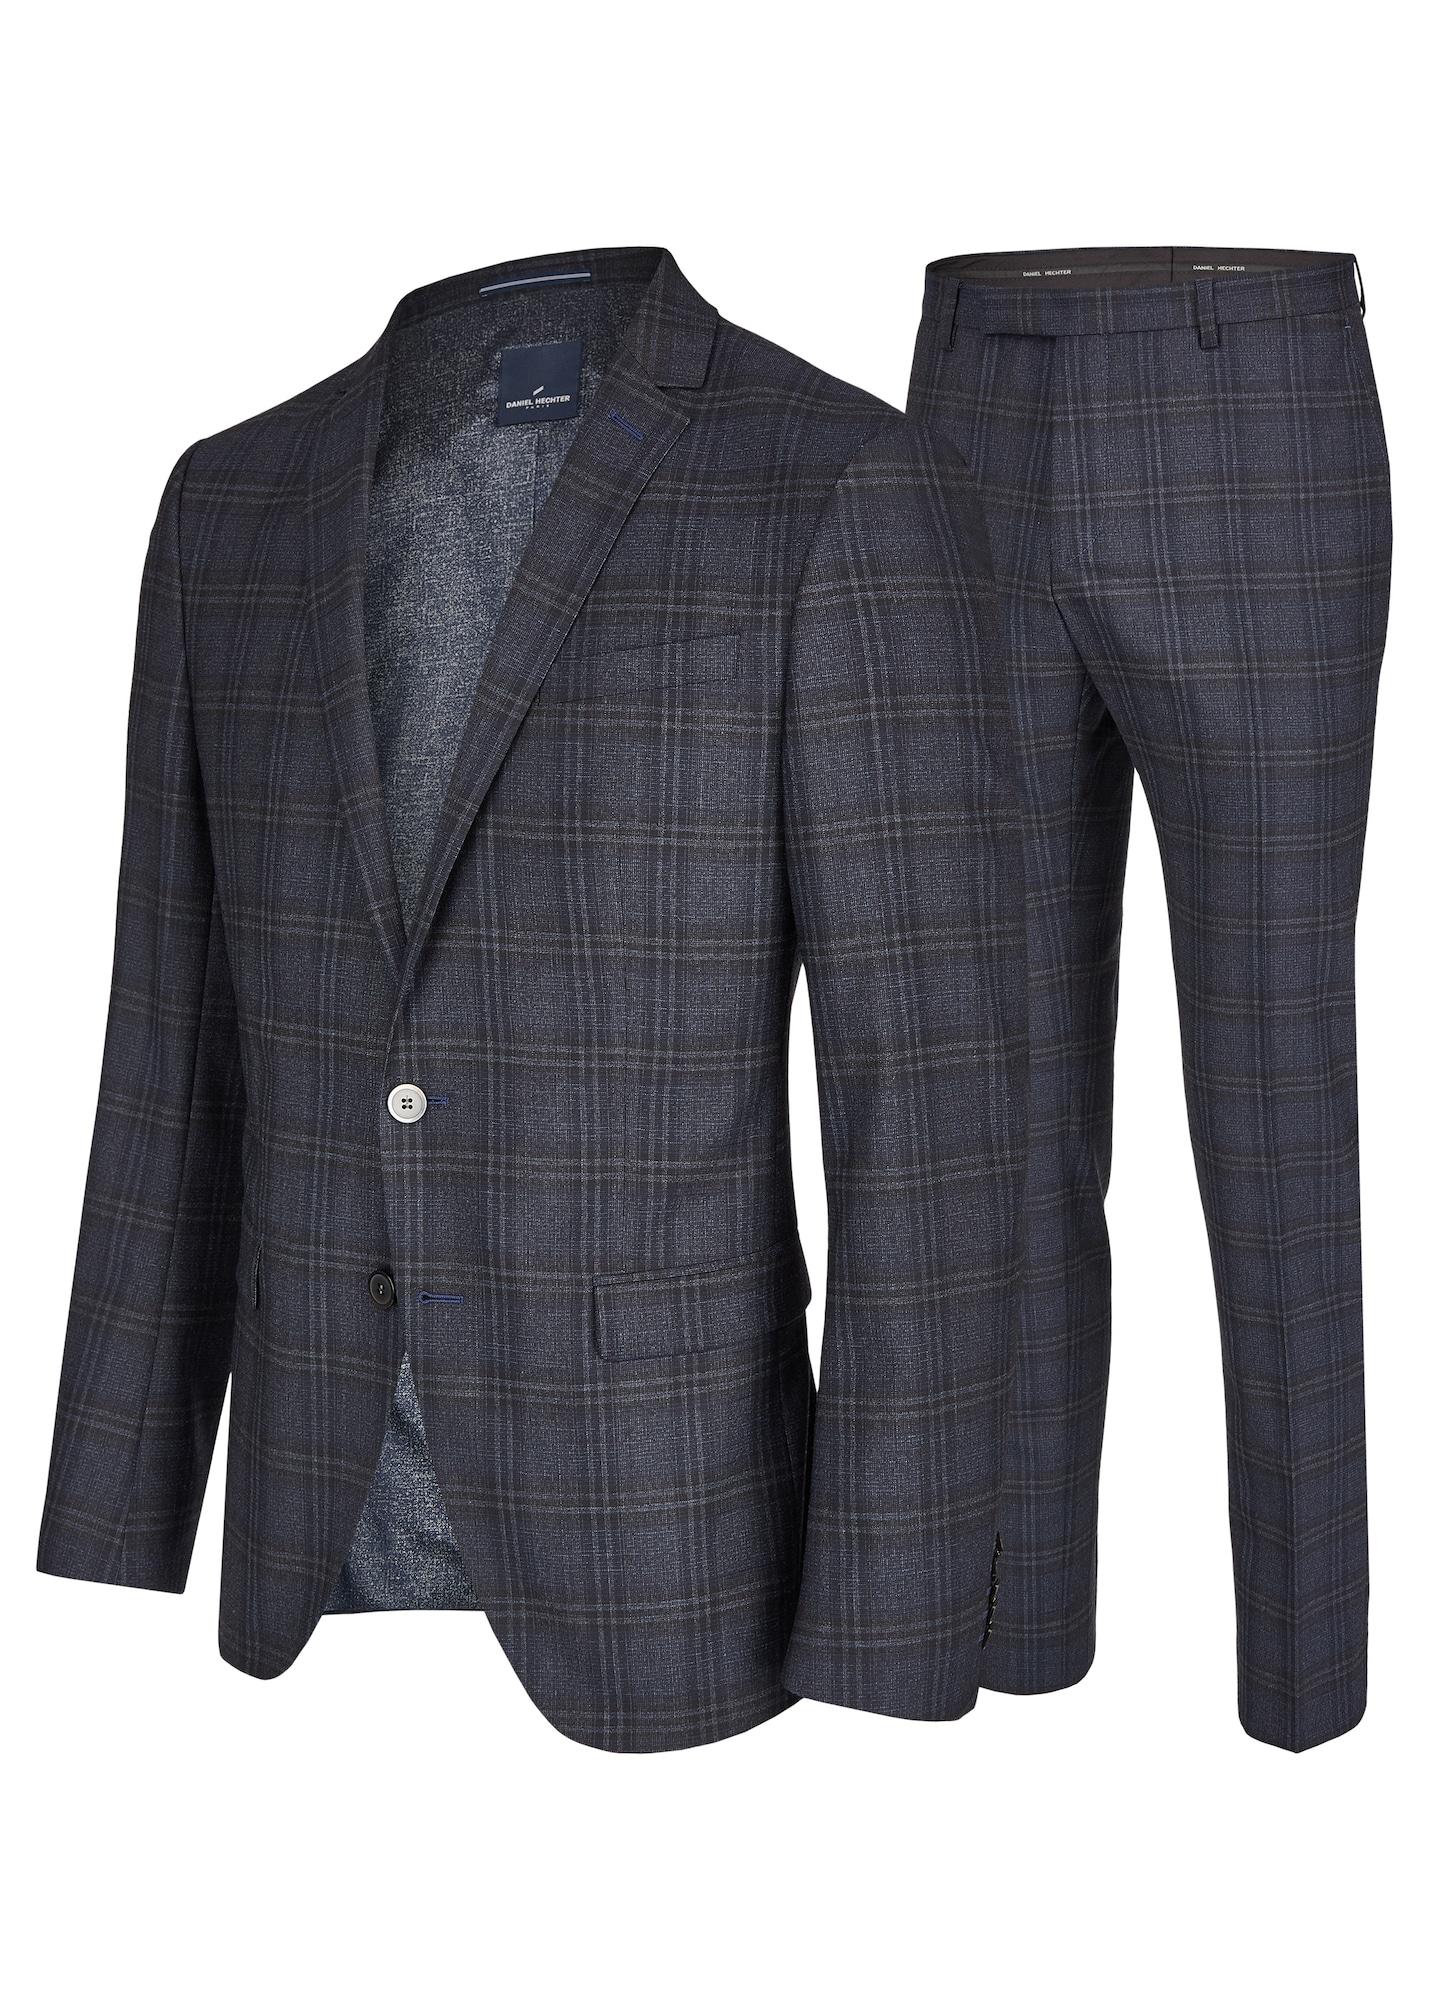 9cebca439126 Herren Anzüge & Kostüme günstig online kaufen